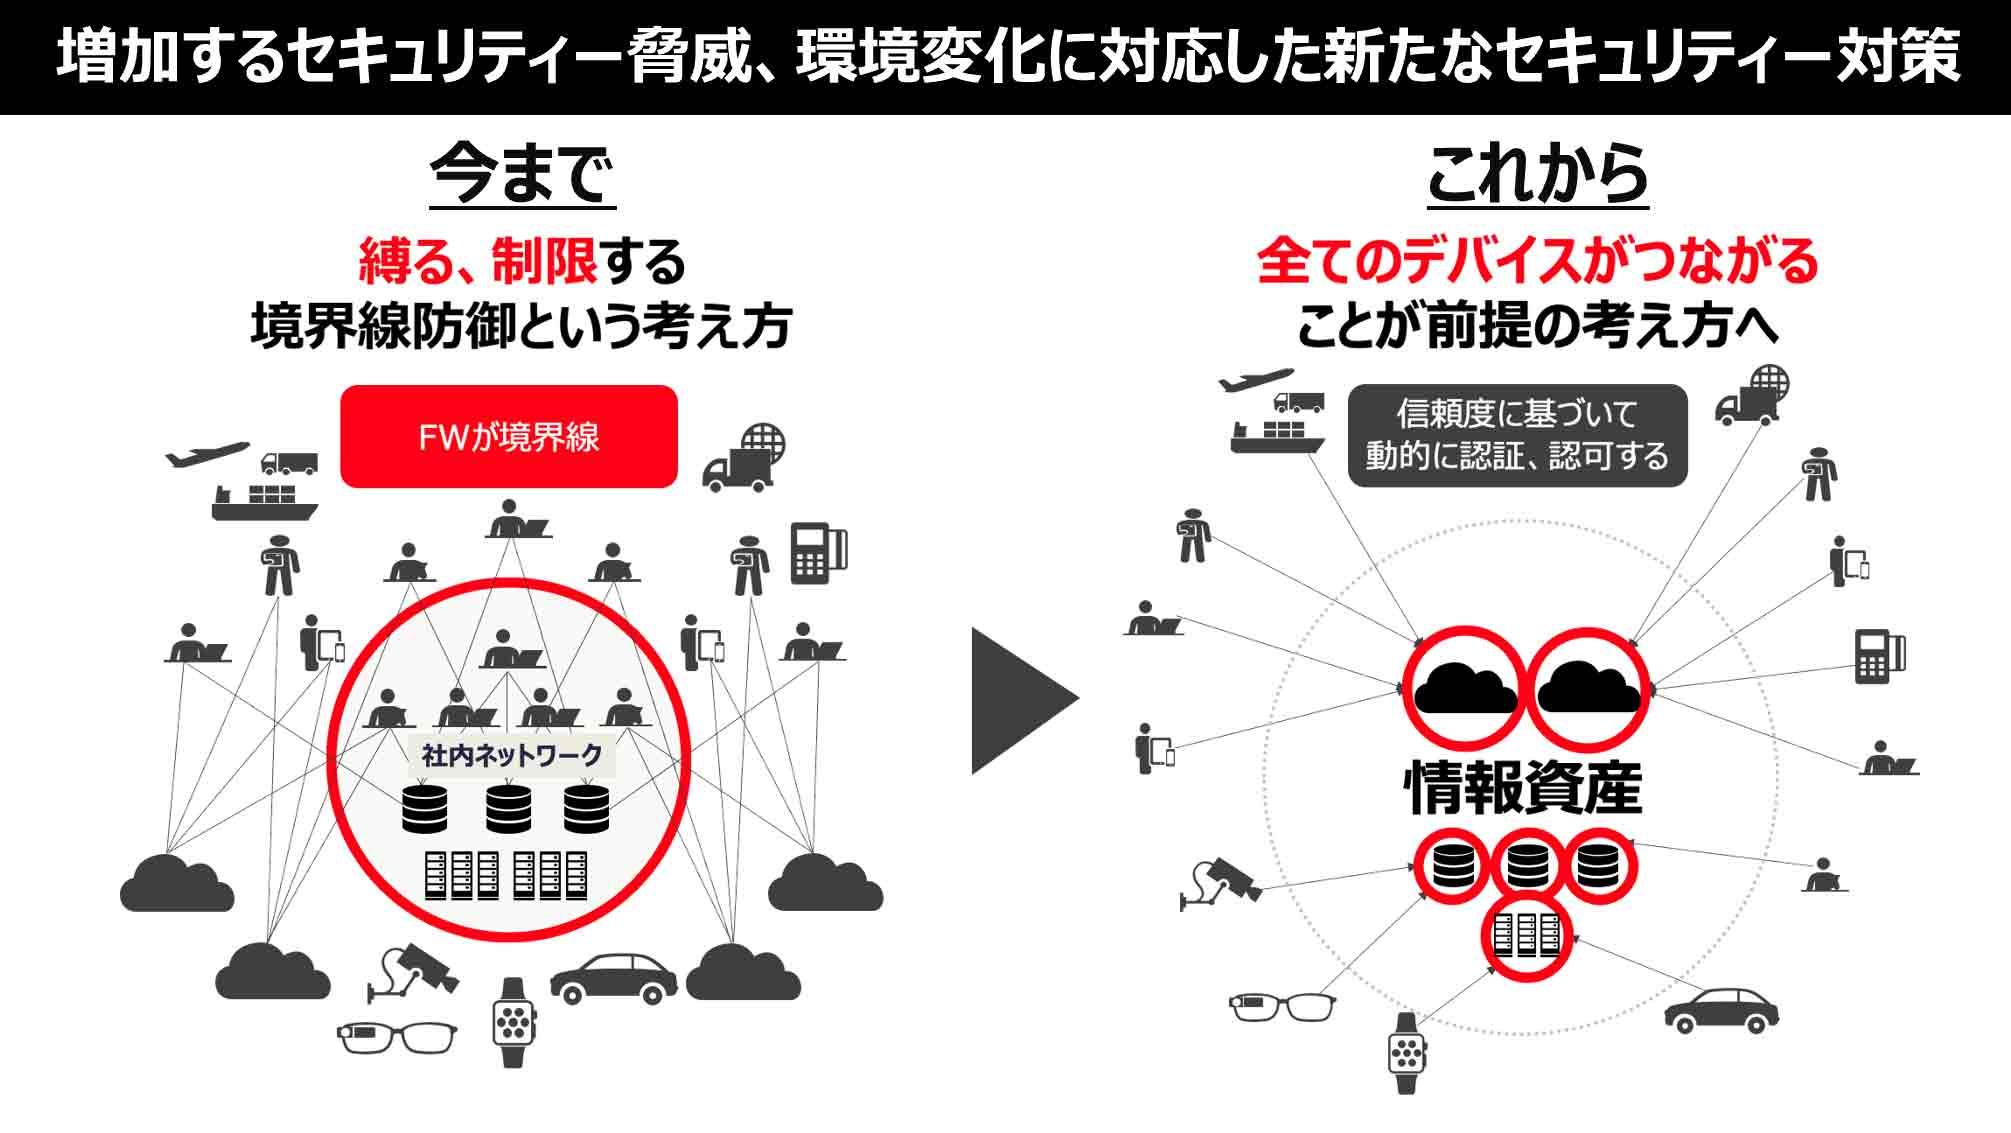 増加するセキュリティー脅威、環境変化に対応した新たなセキュリティー対策